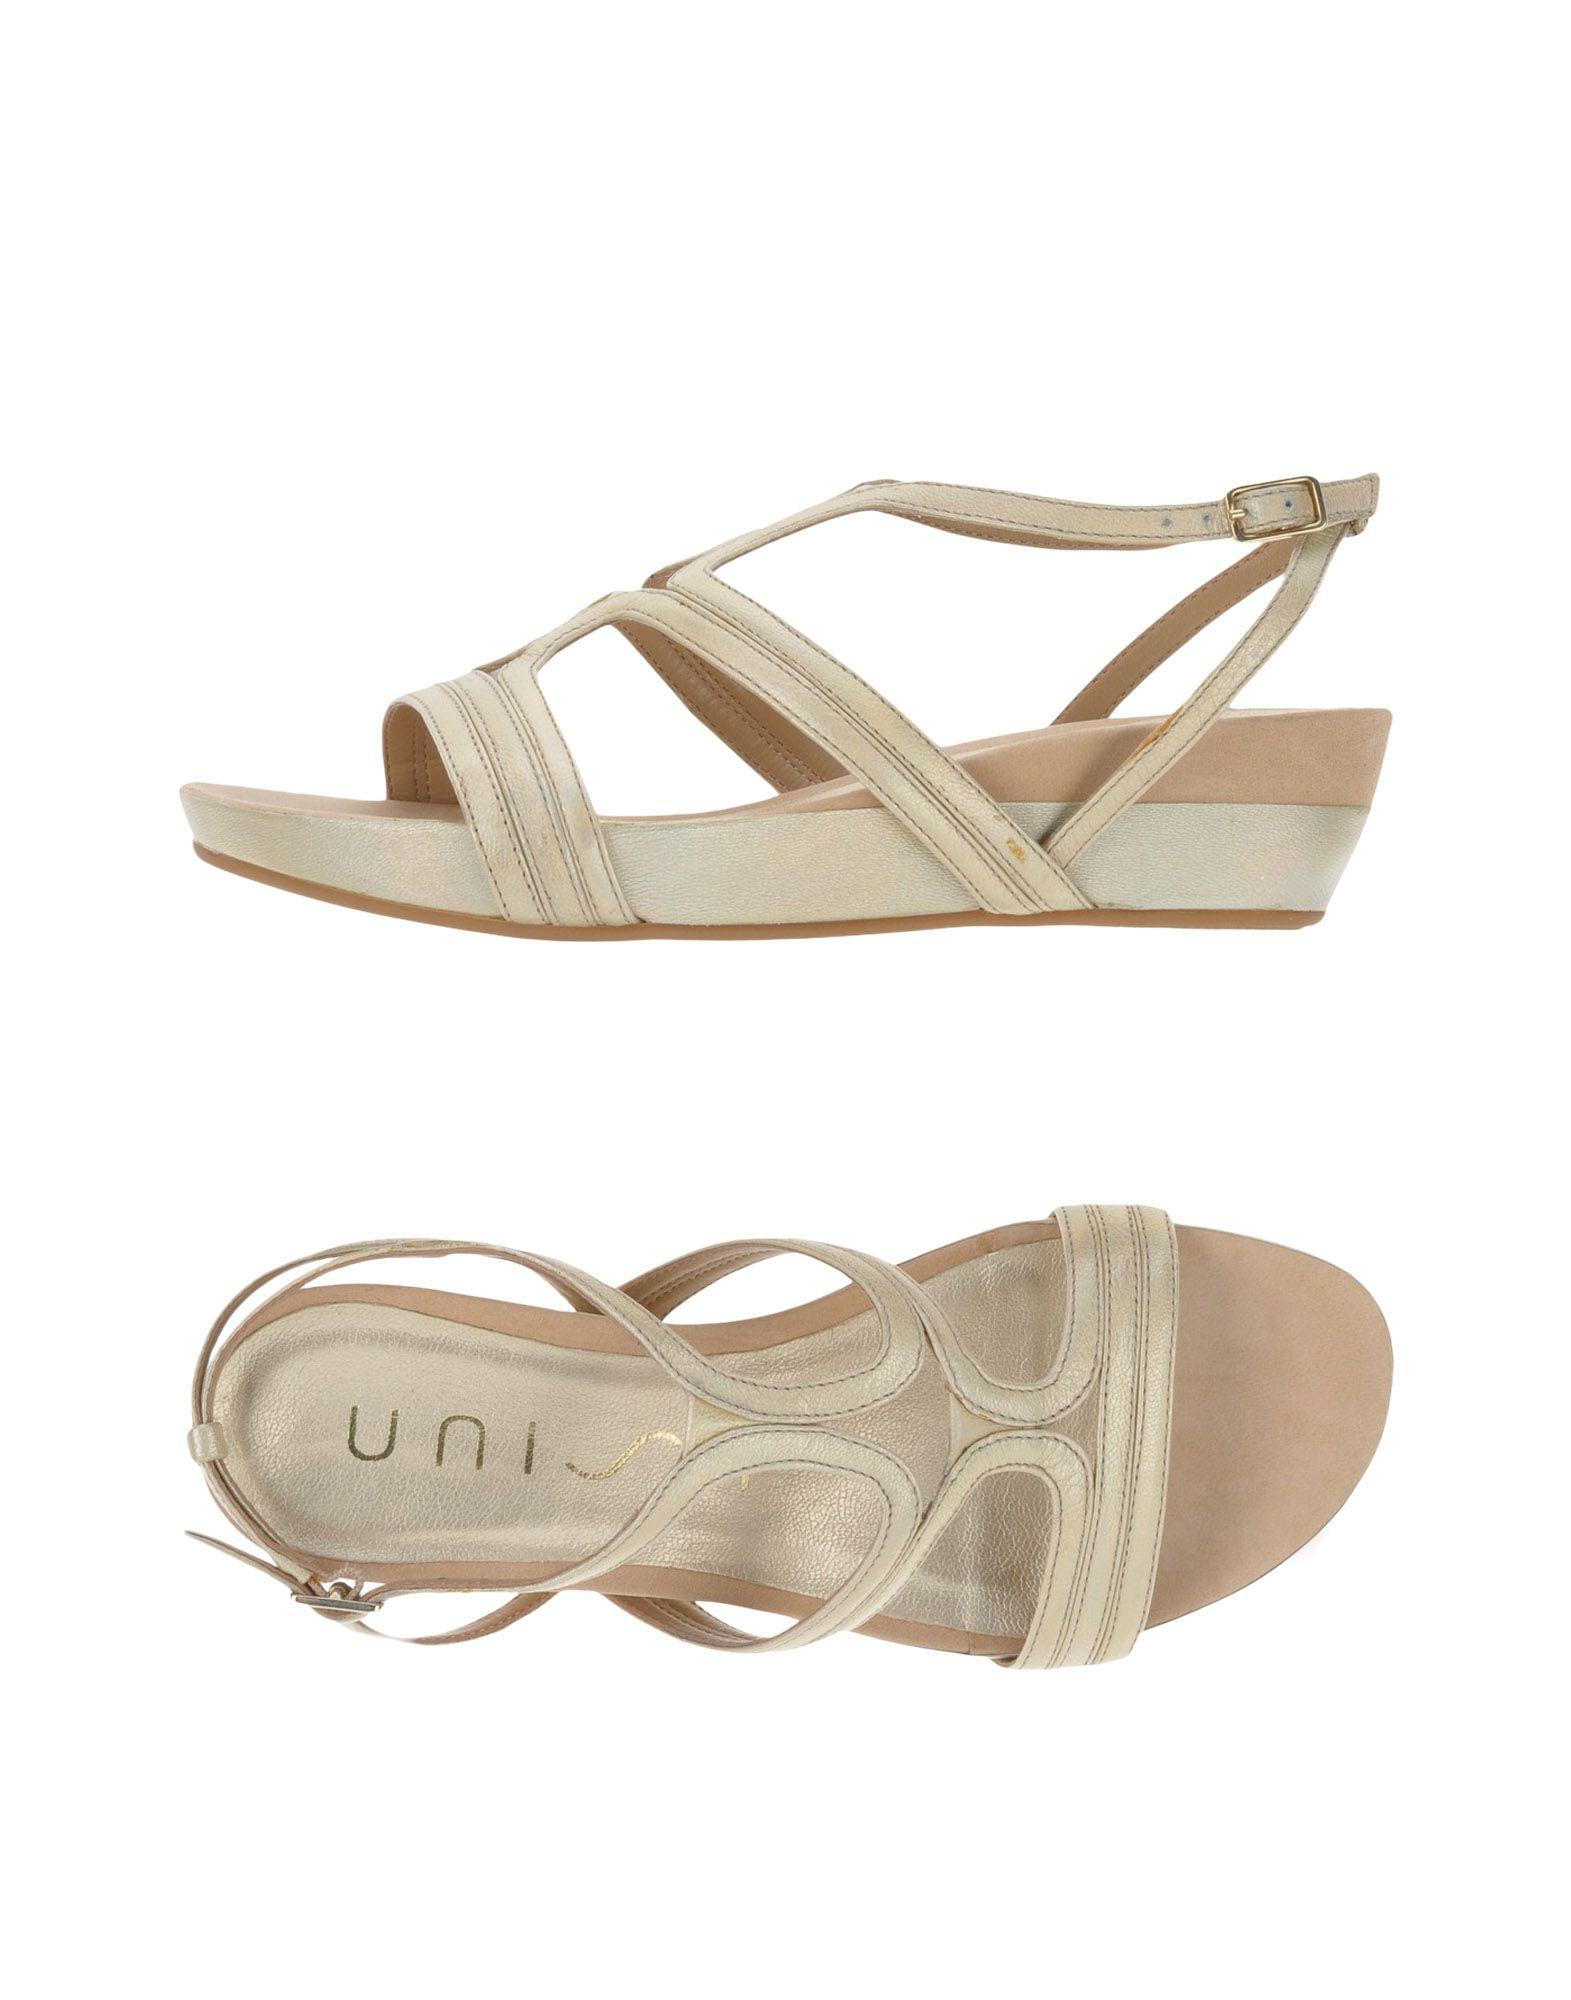 51cf1bd2b Unisa Sandals In Platinum